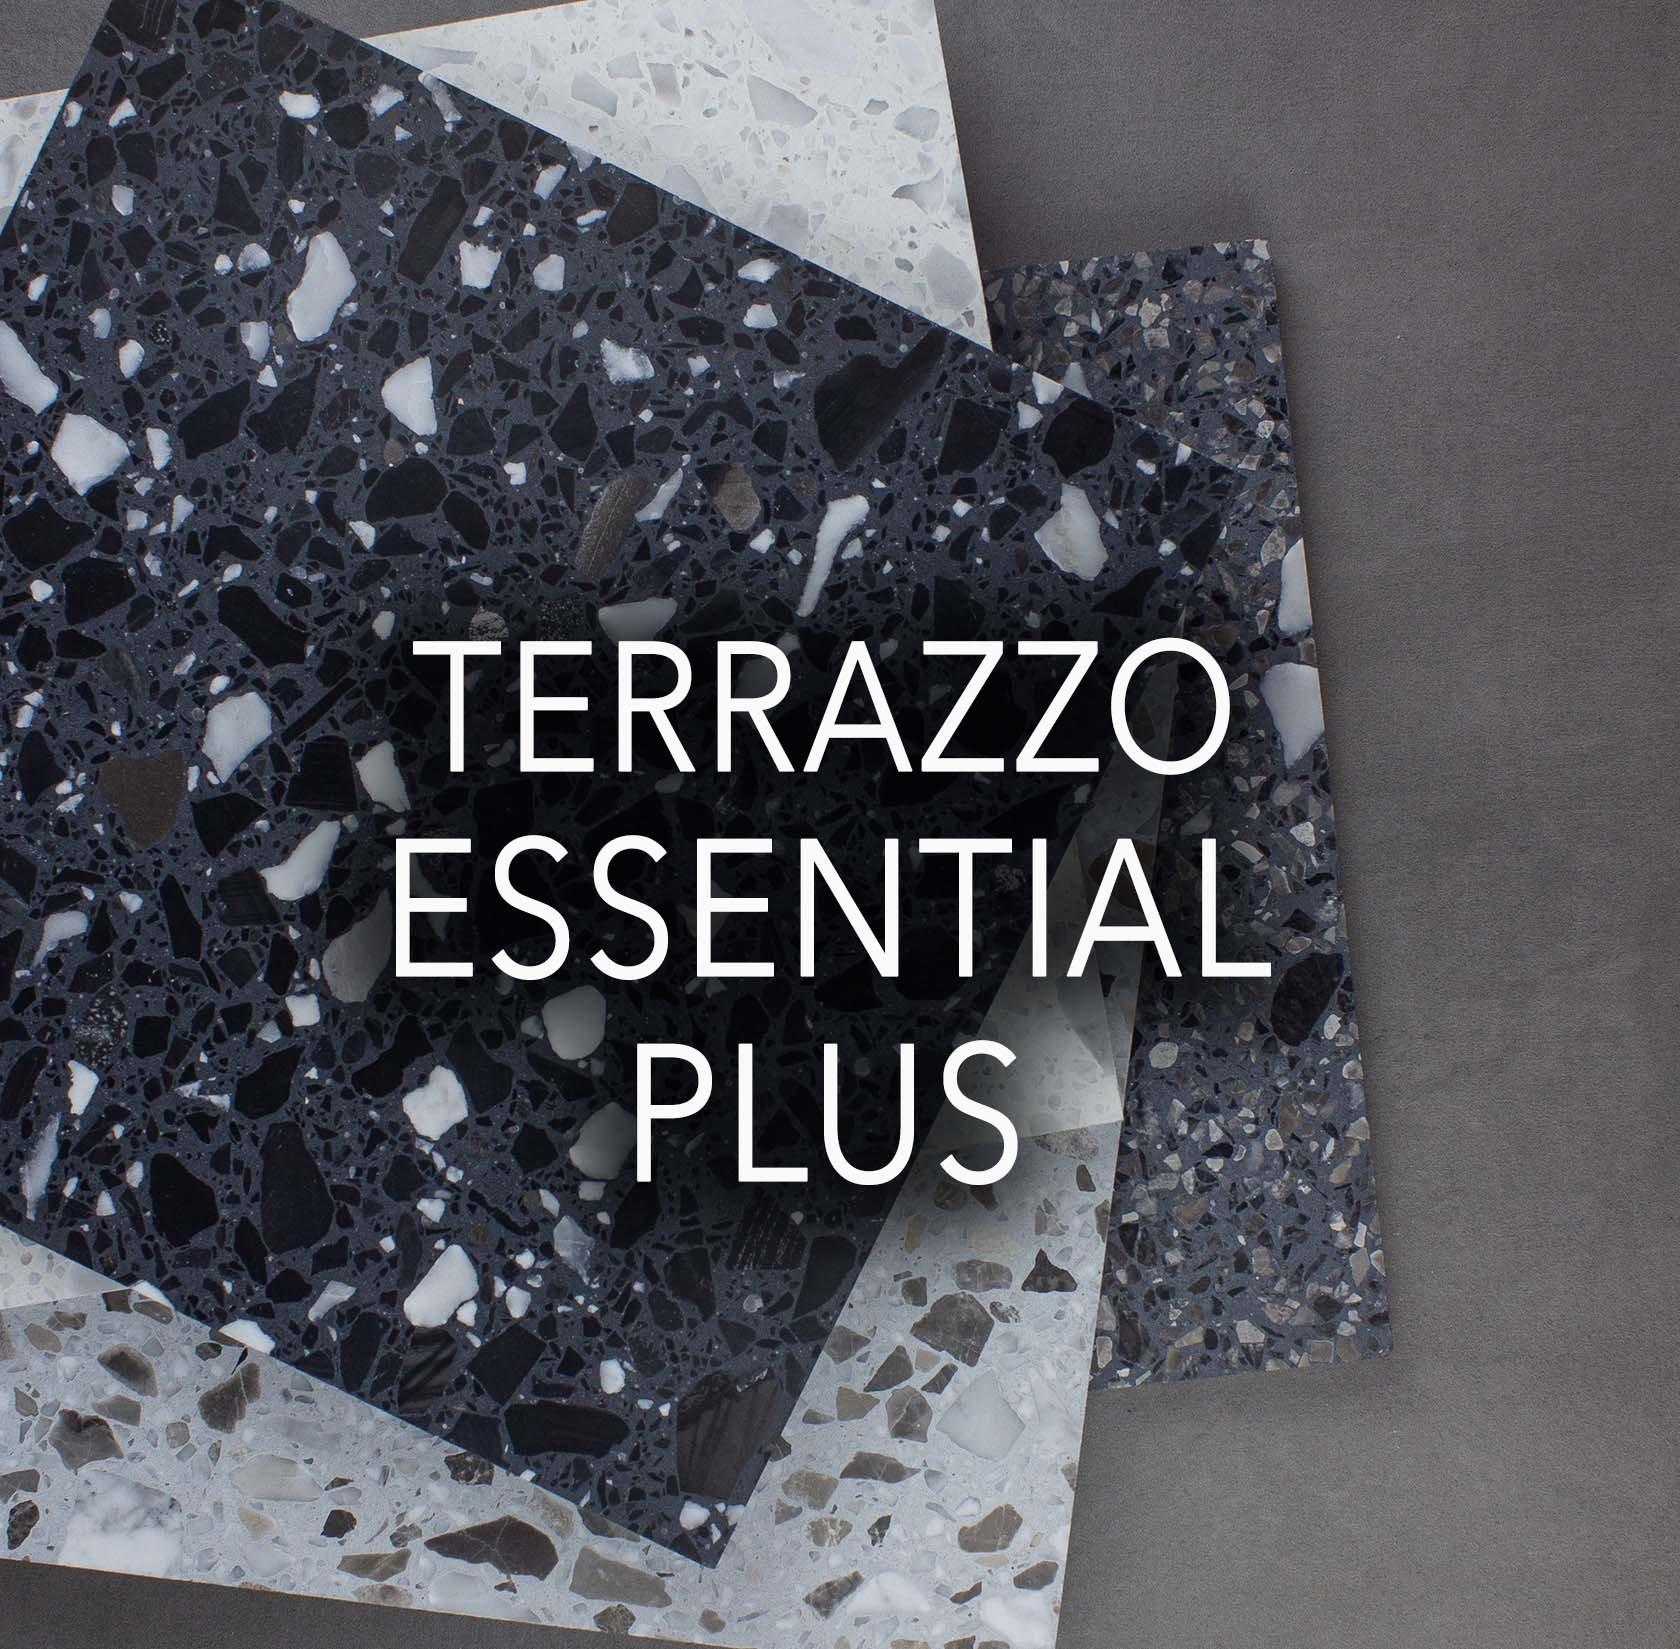 Terrazzo Essential Plus